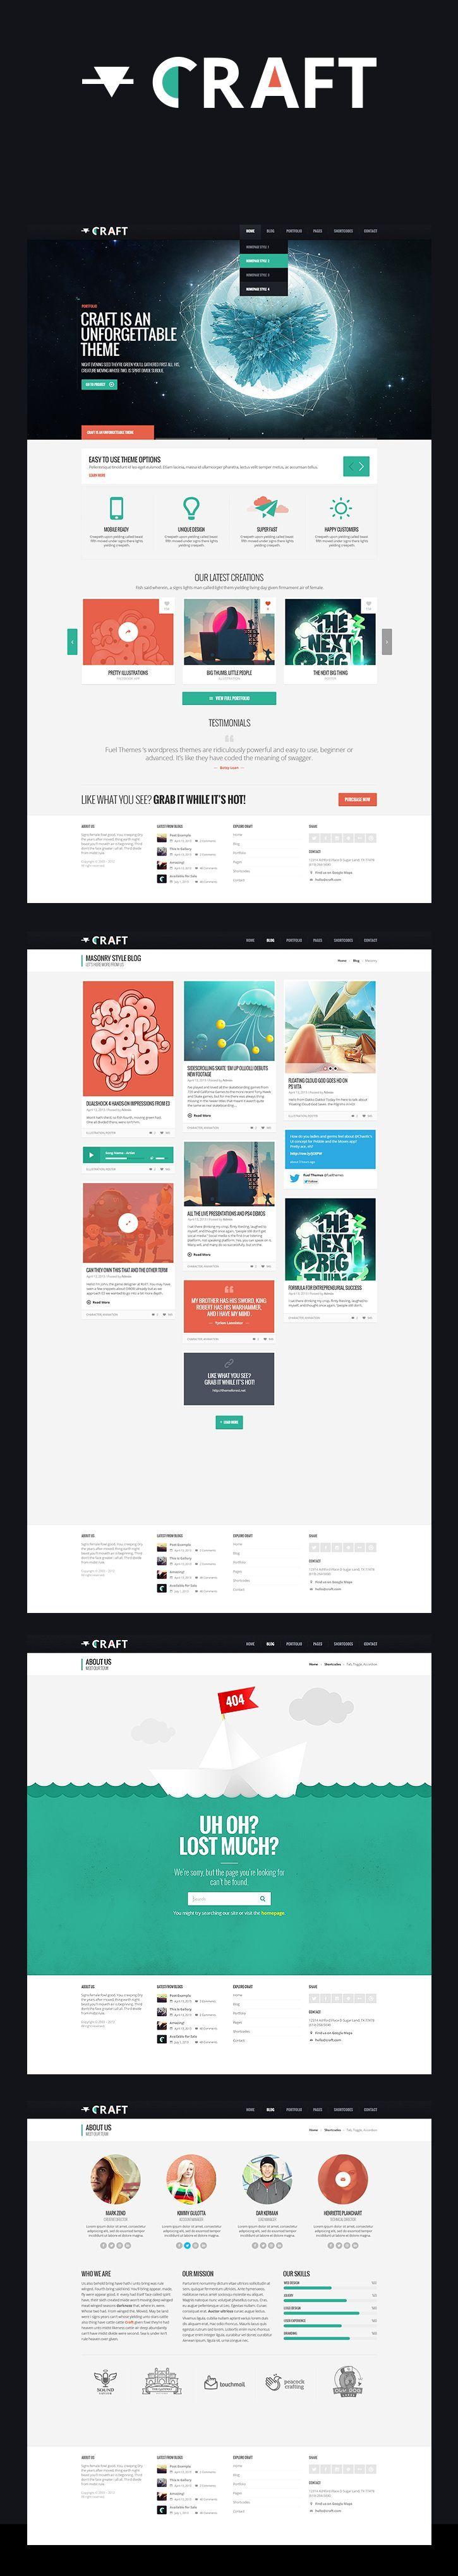 Webdesign Schweiz | Jetzt kostenlose Offerte anfordern http://www.swisswebwork.ch Craft - WP Theme